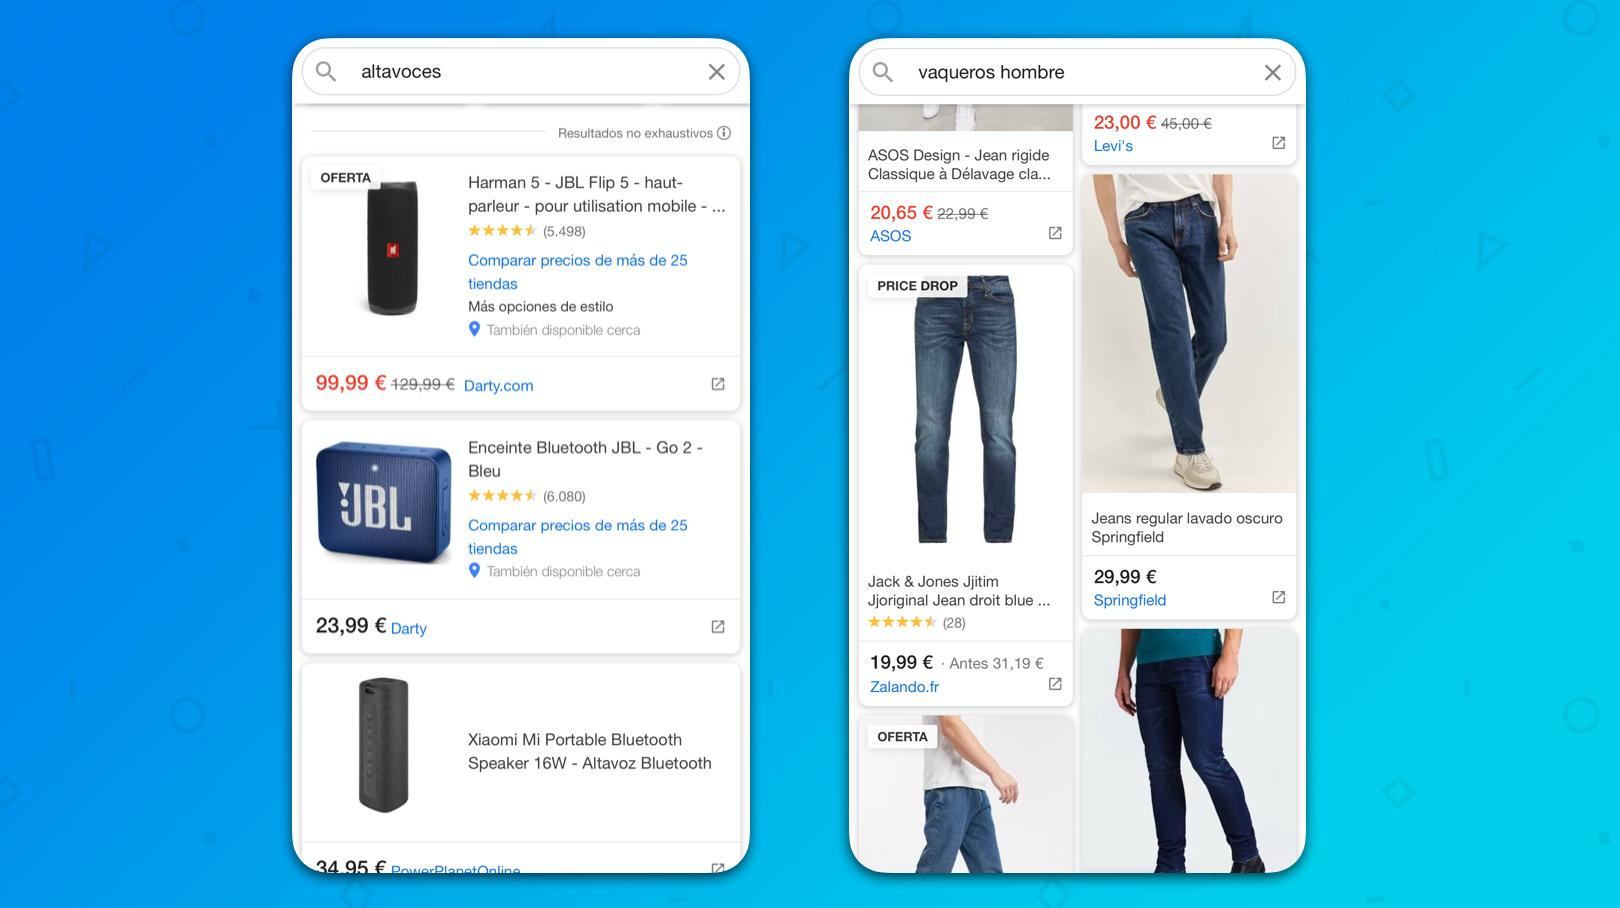 articulos comparados a través de google shopping